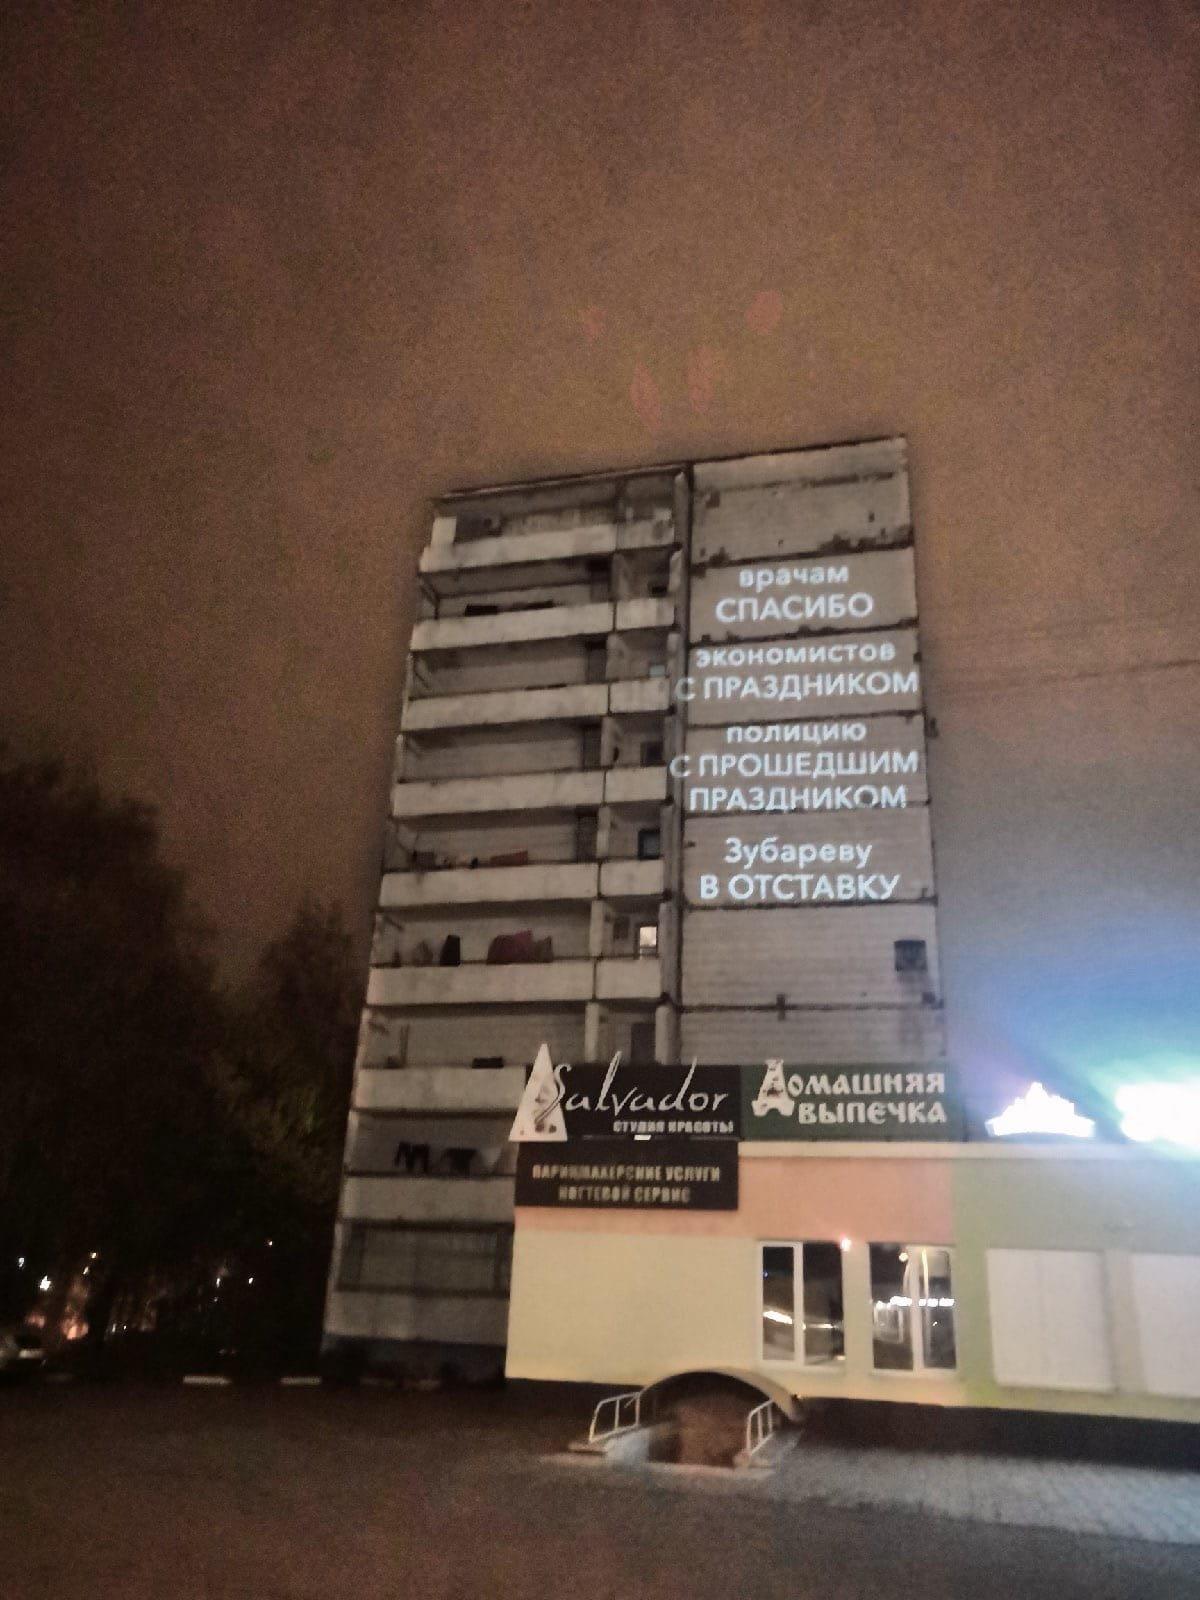 Проекция на доме возле горбольницы № 2, «Скорая Молодёжная Помощь»